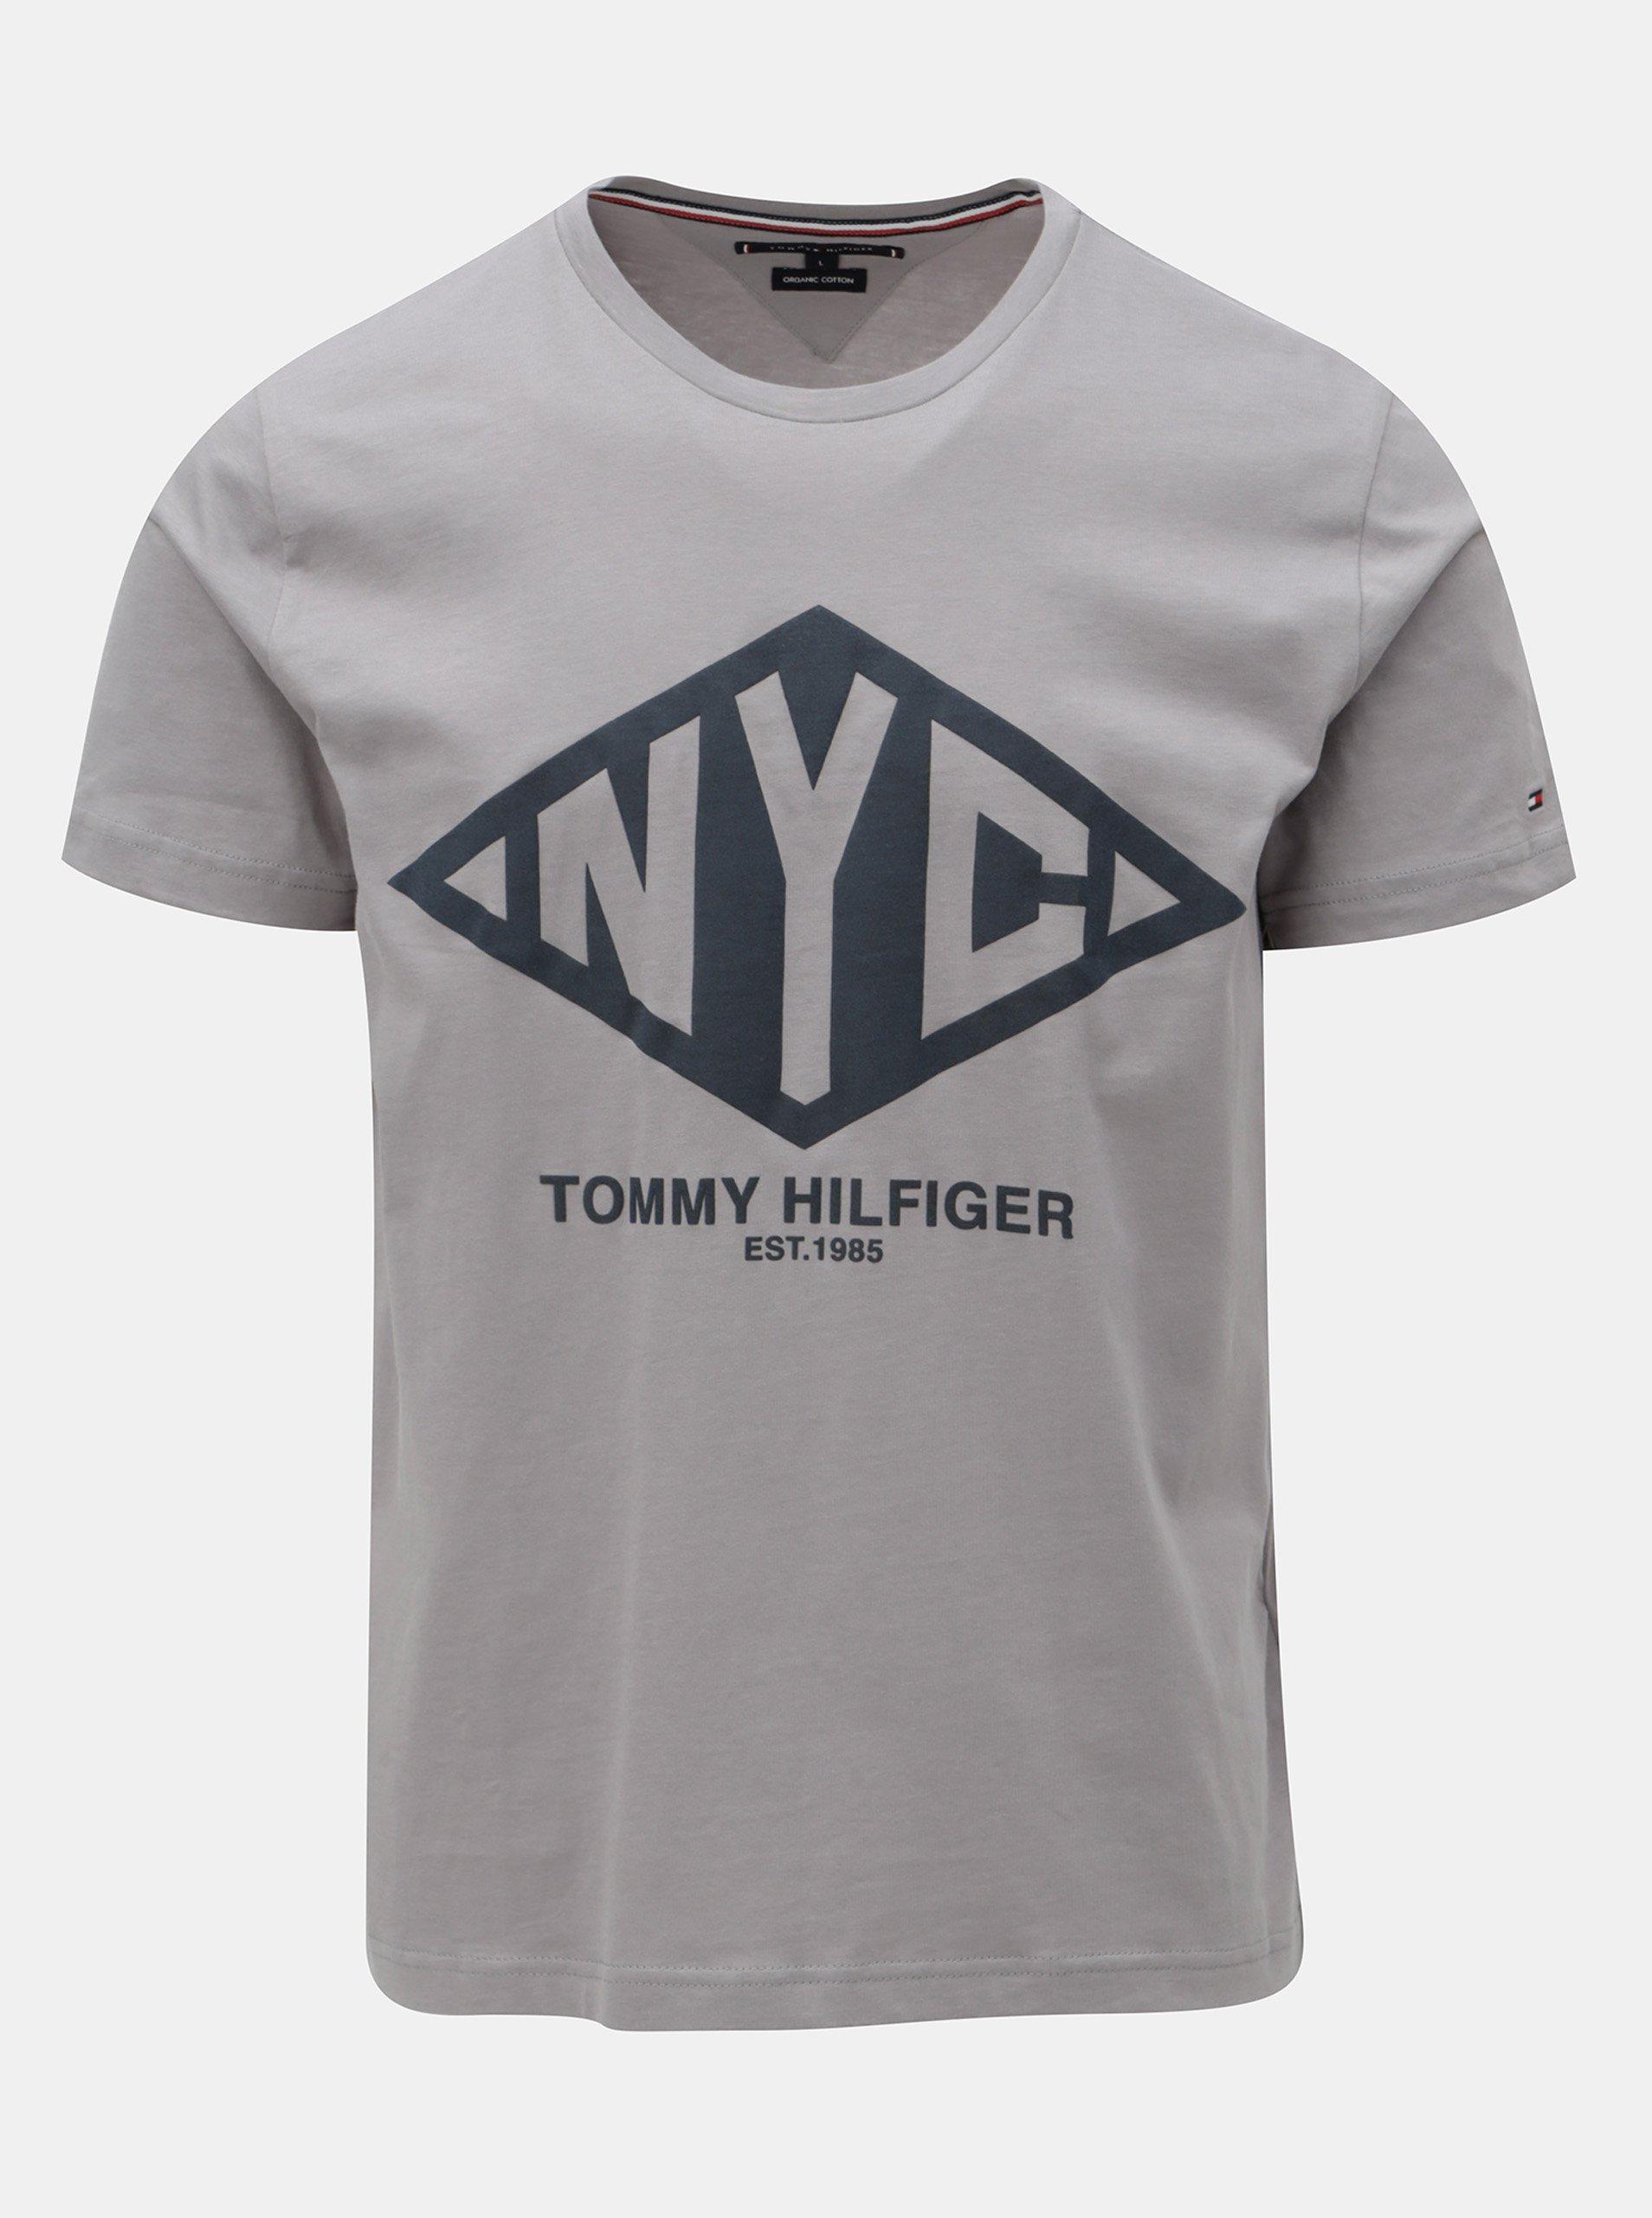 6f0c37cf3 Sivé pánske tričko s potlačou Tommy Hilfiger Shear Tee | Moda.sk